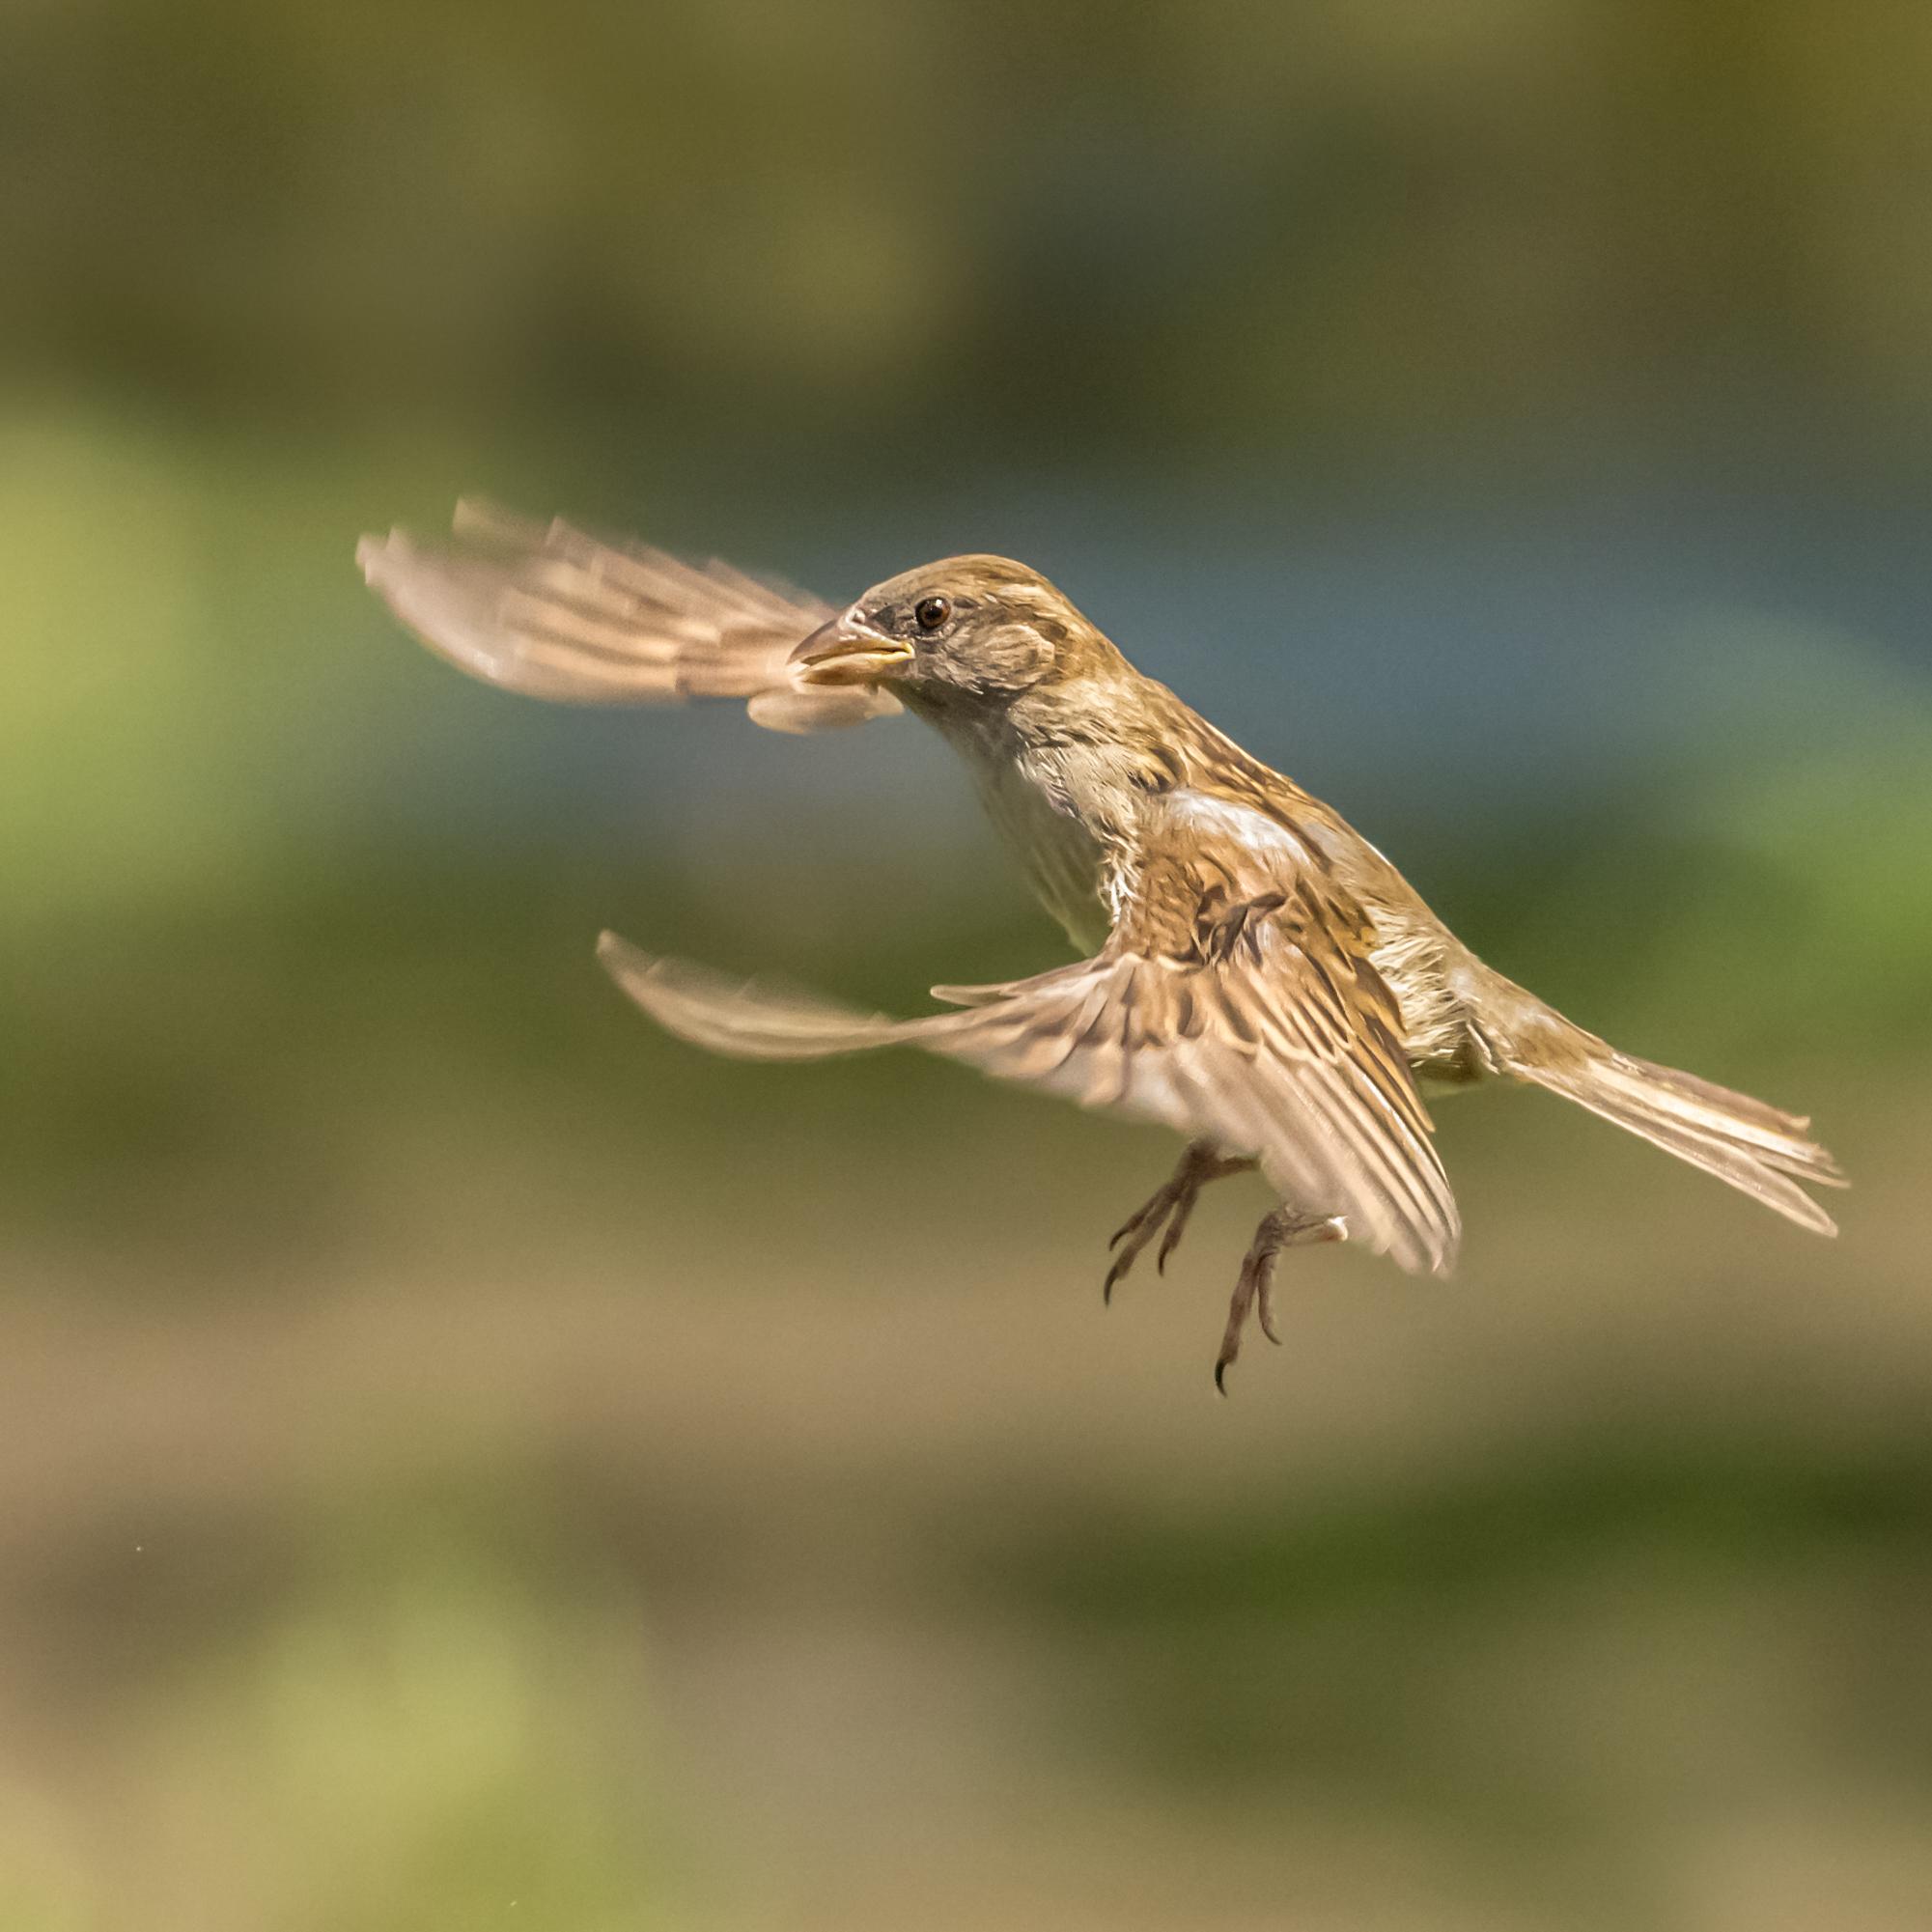 Sparrow flight #3